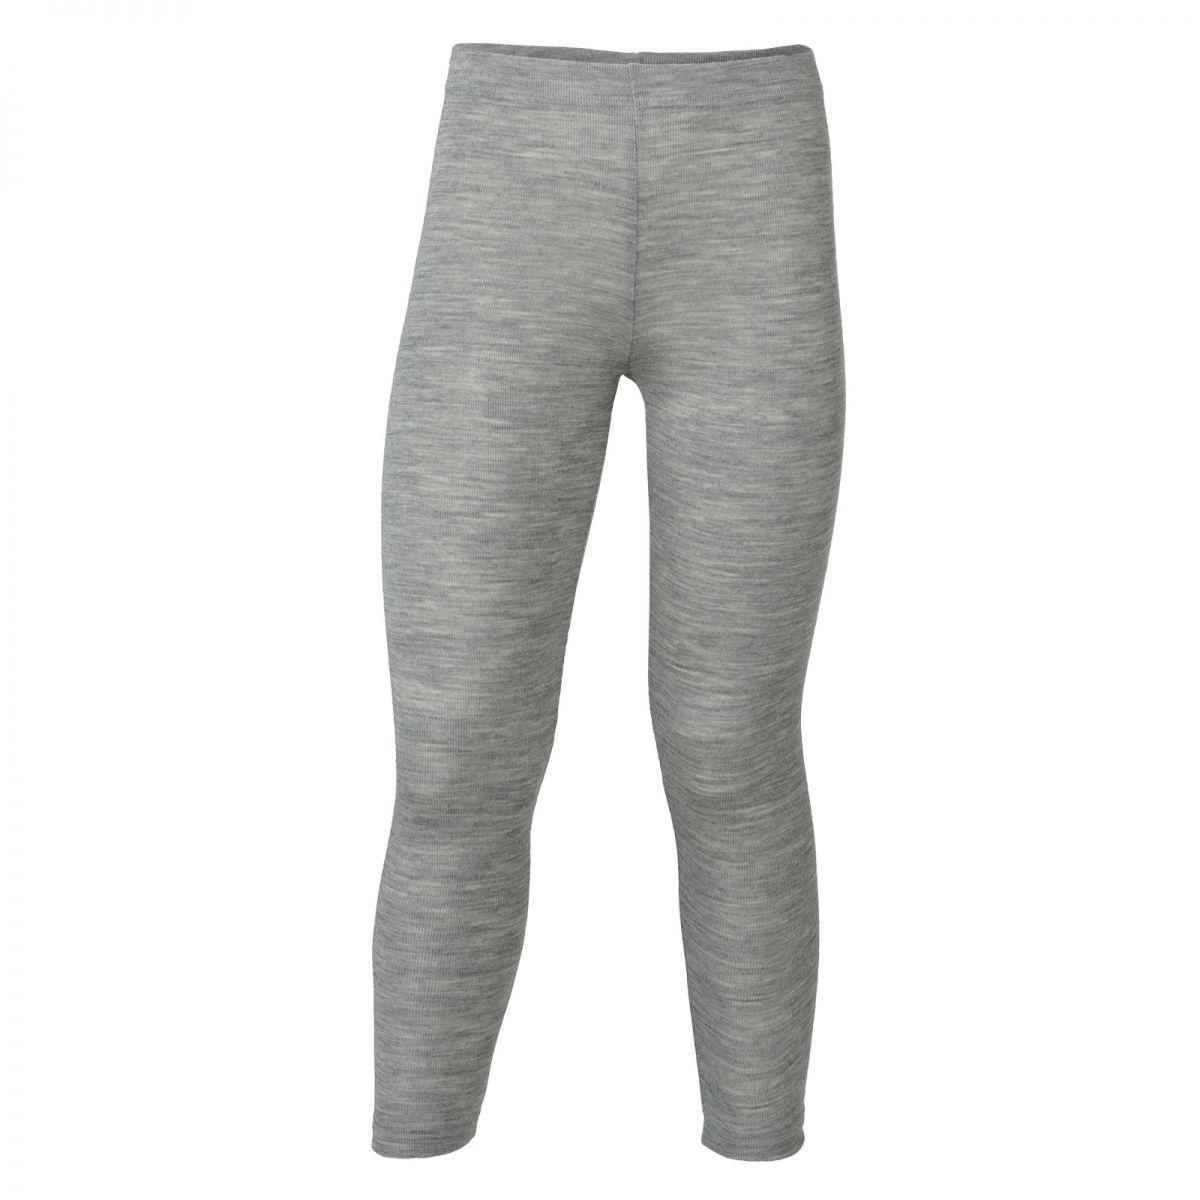 Engel Children S Leggings Light Grey Melange